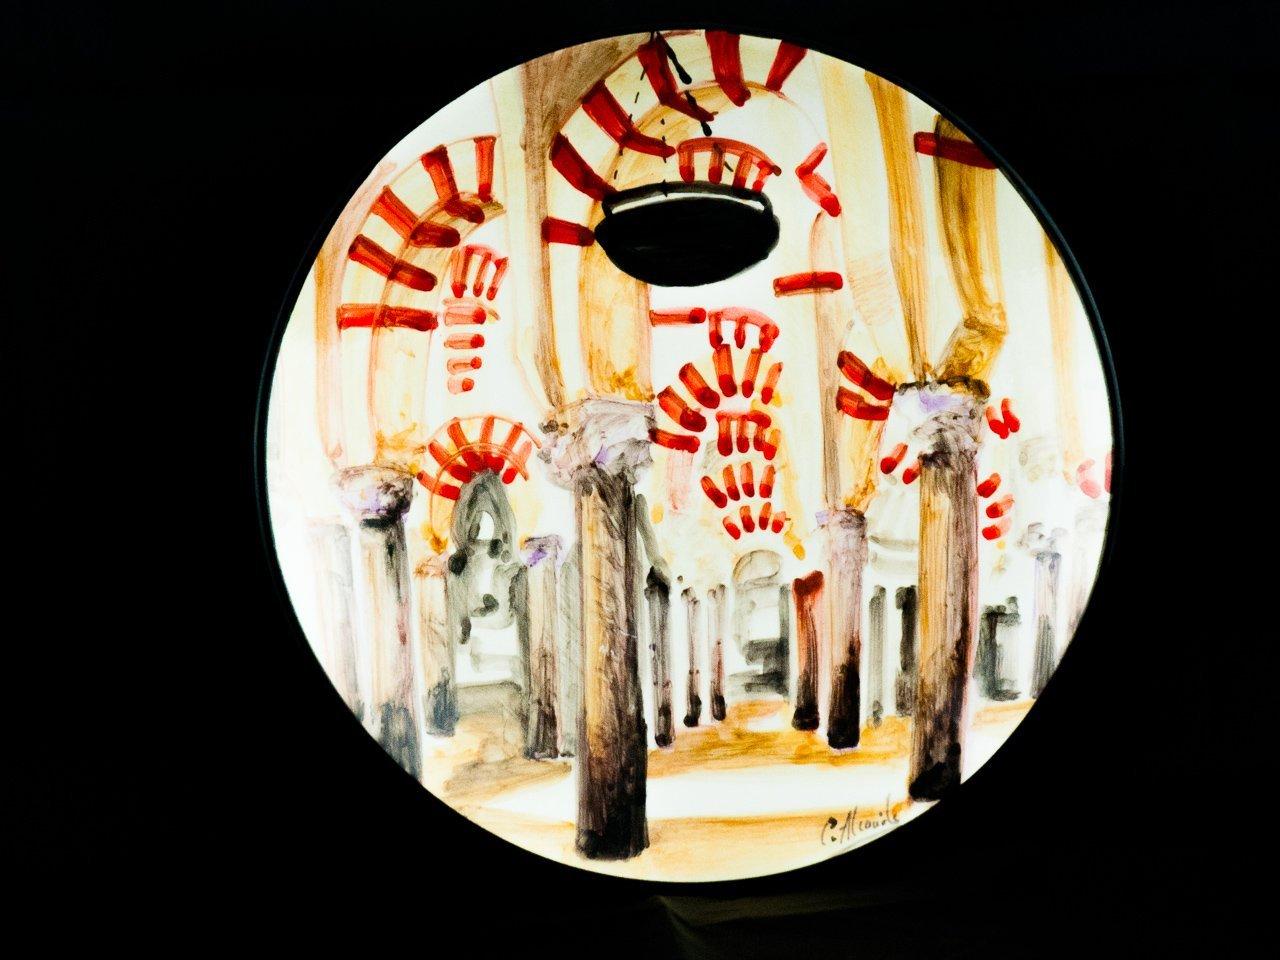 Plato Mezquita ceramica la rambla